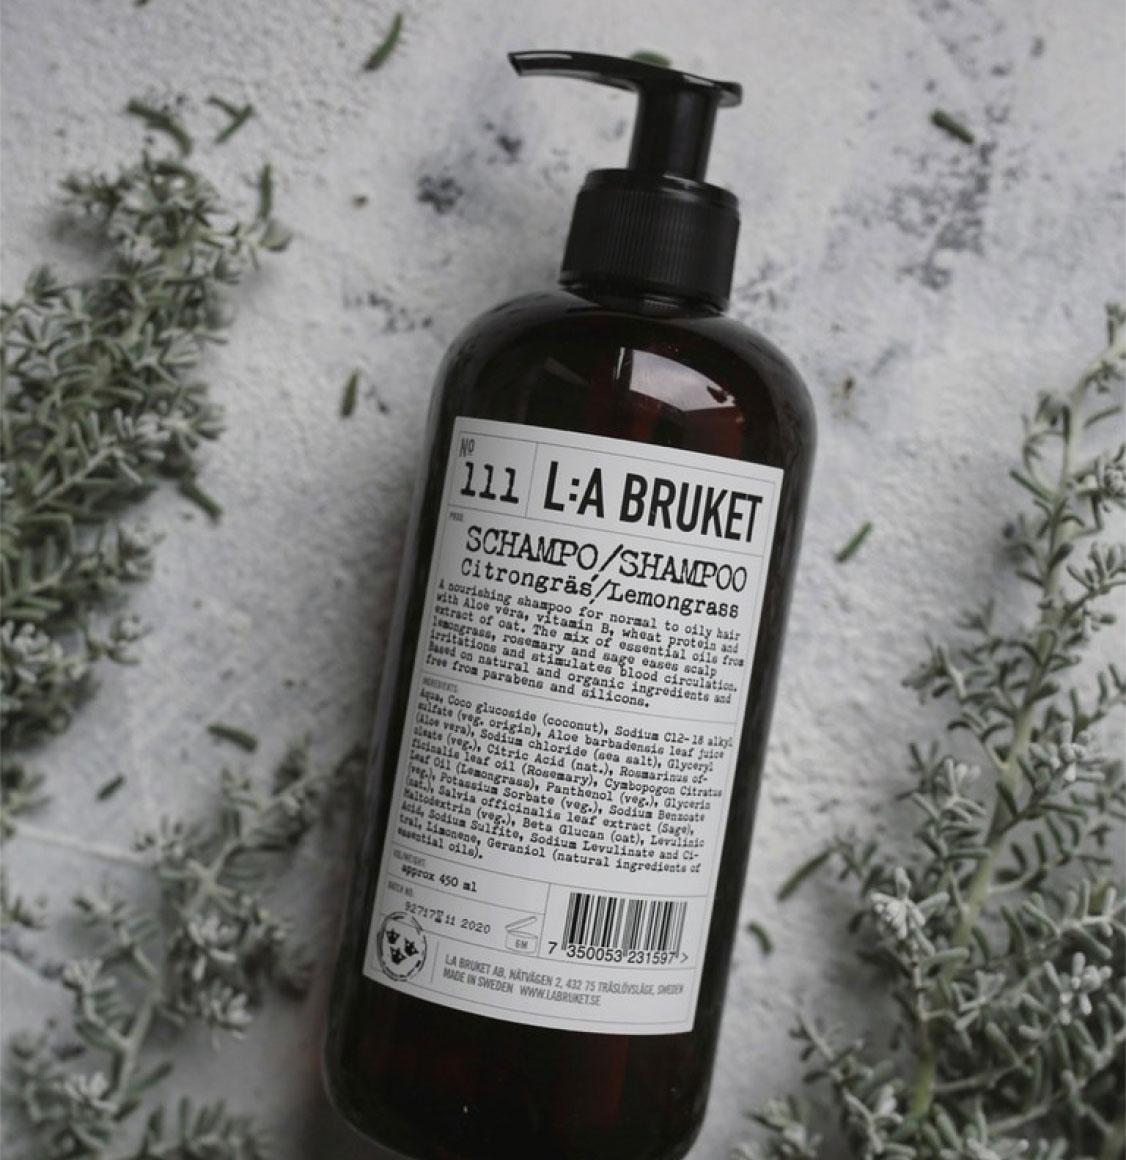 LA Bruket 111 Σαμπουάν Lemongrass 250ml